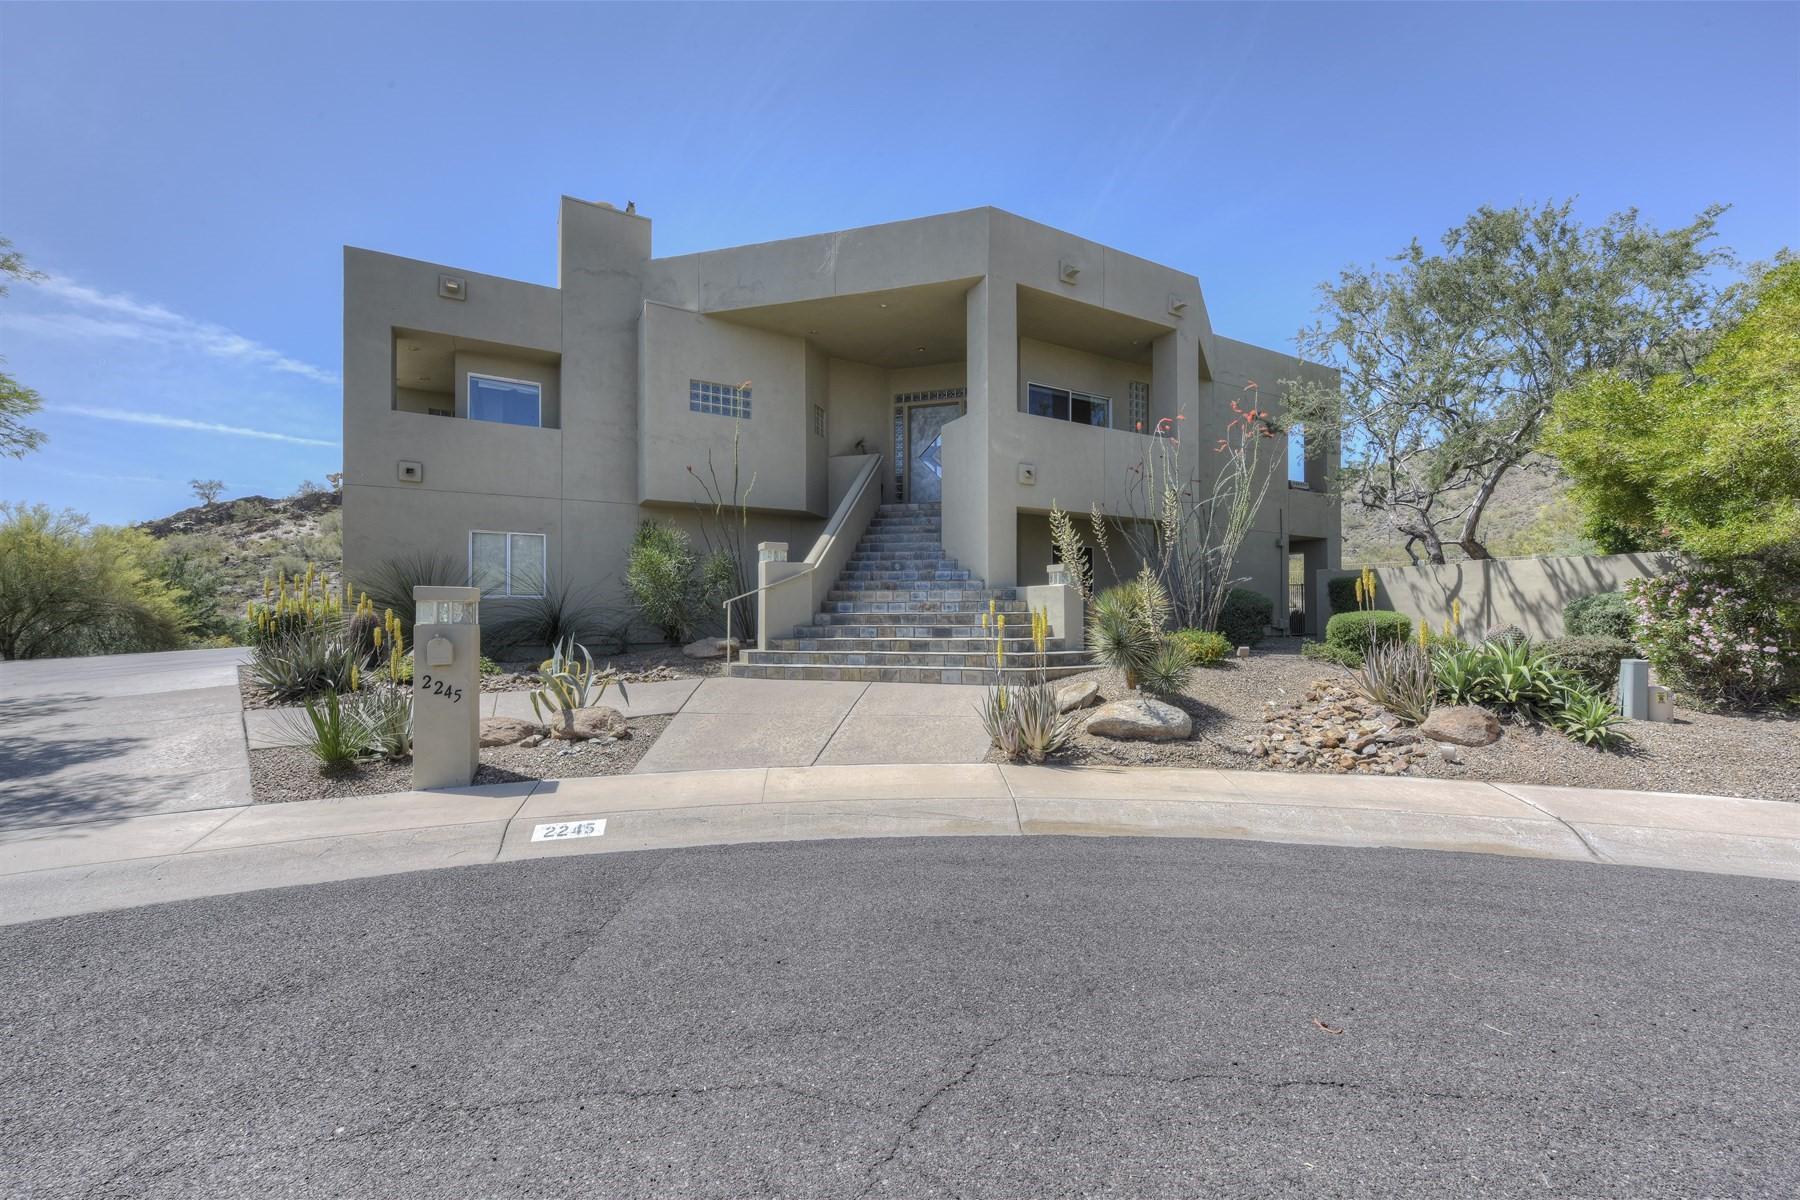 一戸建て のために 売買 アット Unique four bedroom home nestled against the Phoenix Mountain Preserve 2245 E Vogel Ave Phoenix, アリゾナ, 85028 アメリカ合衆国